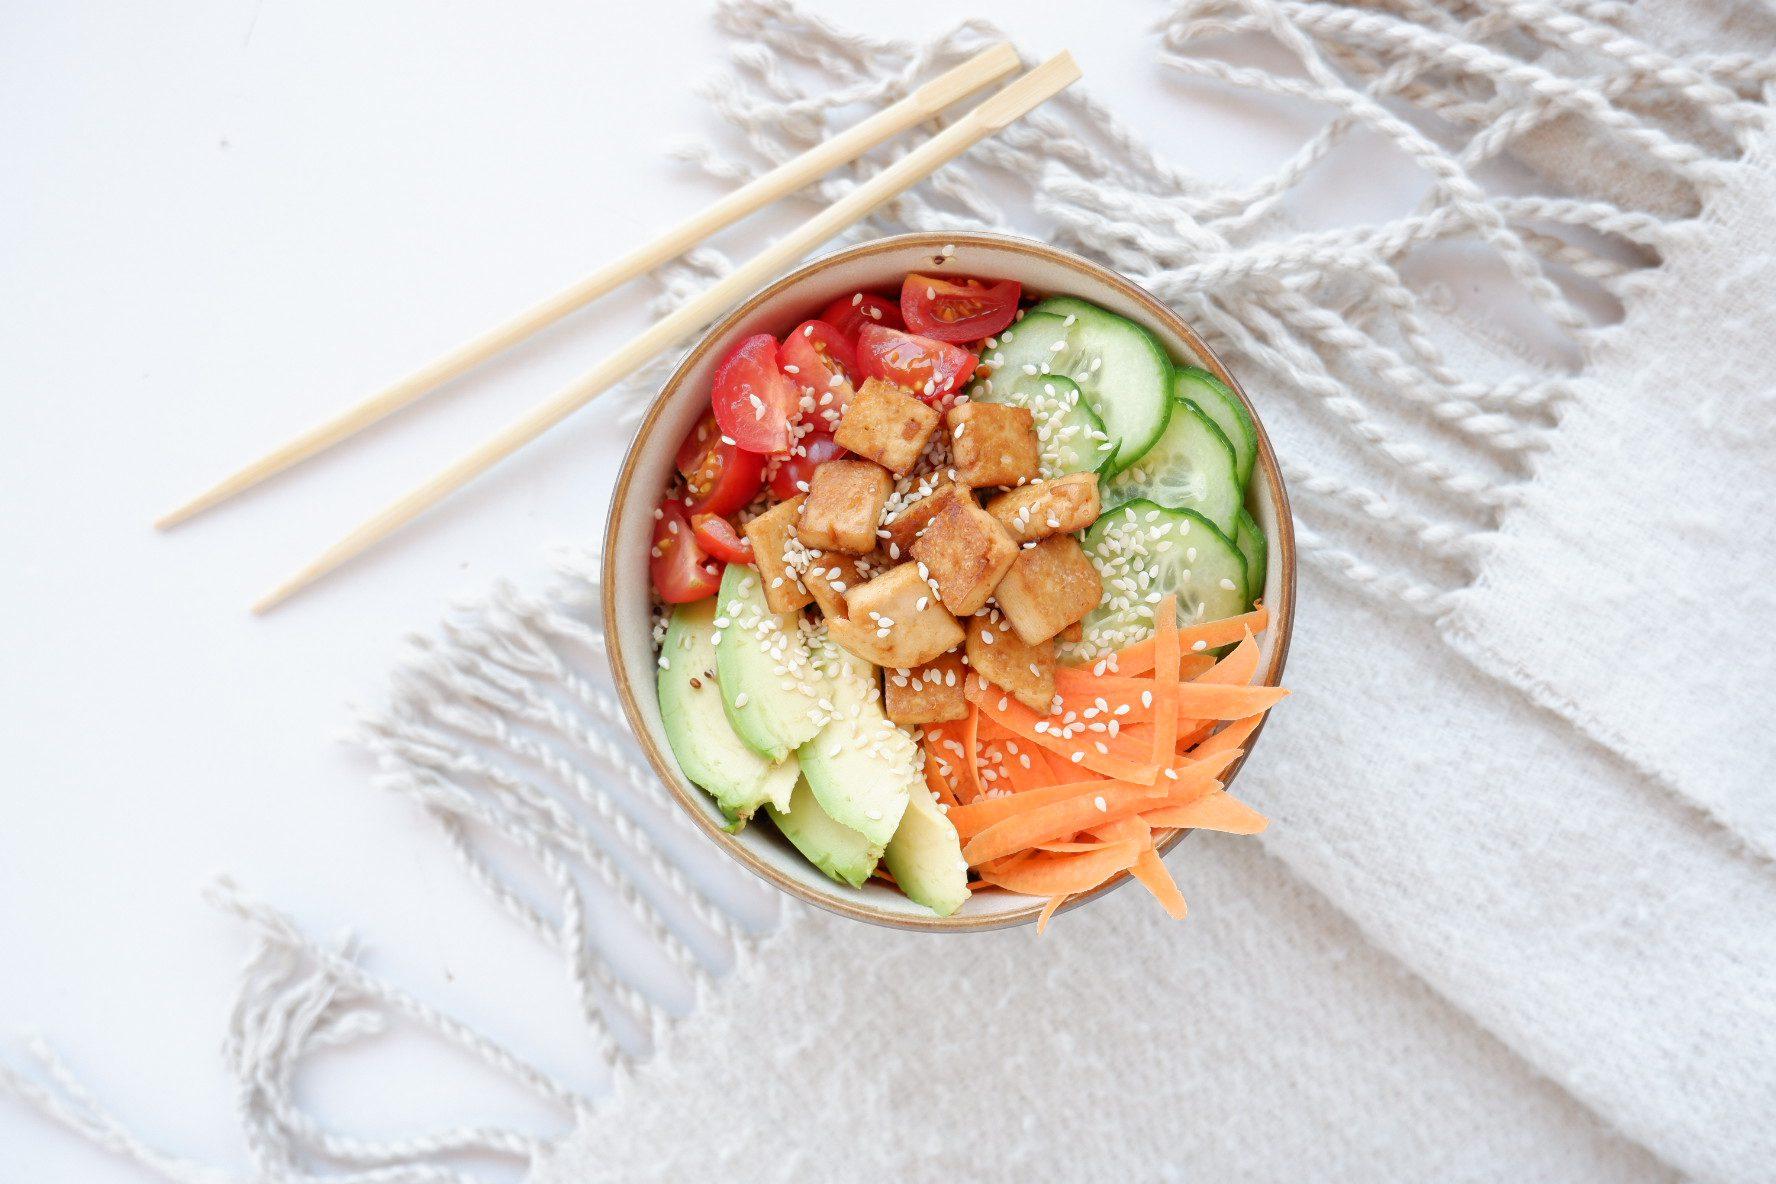 Vegan poké bowl